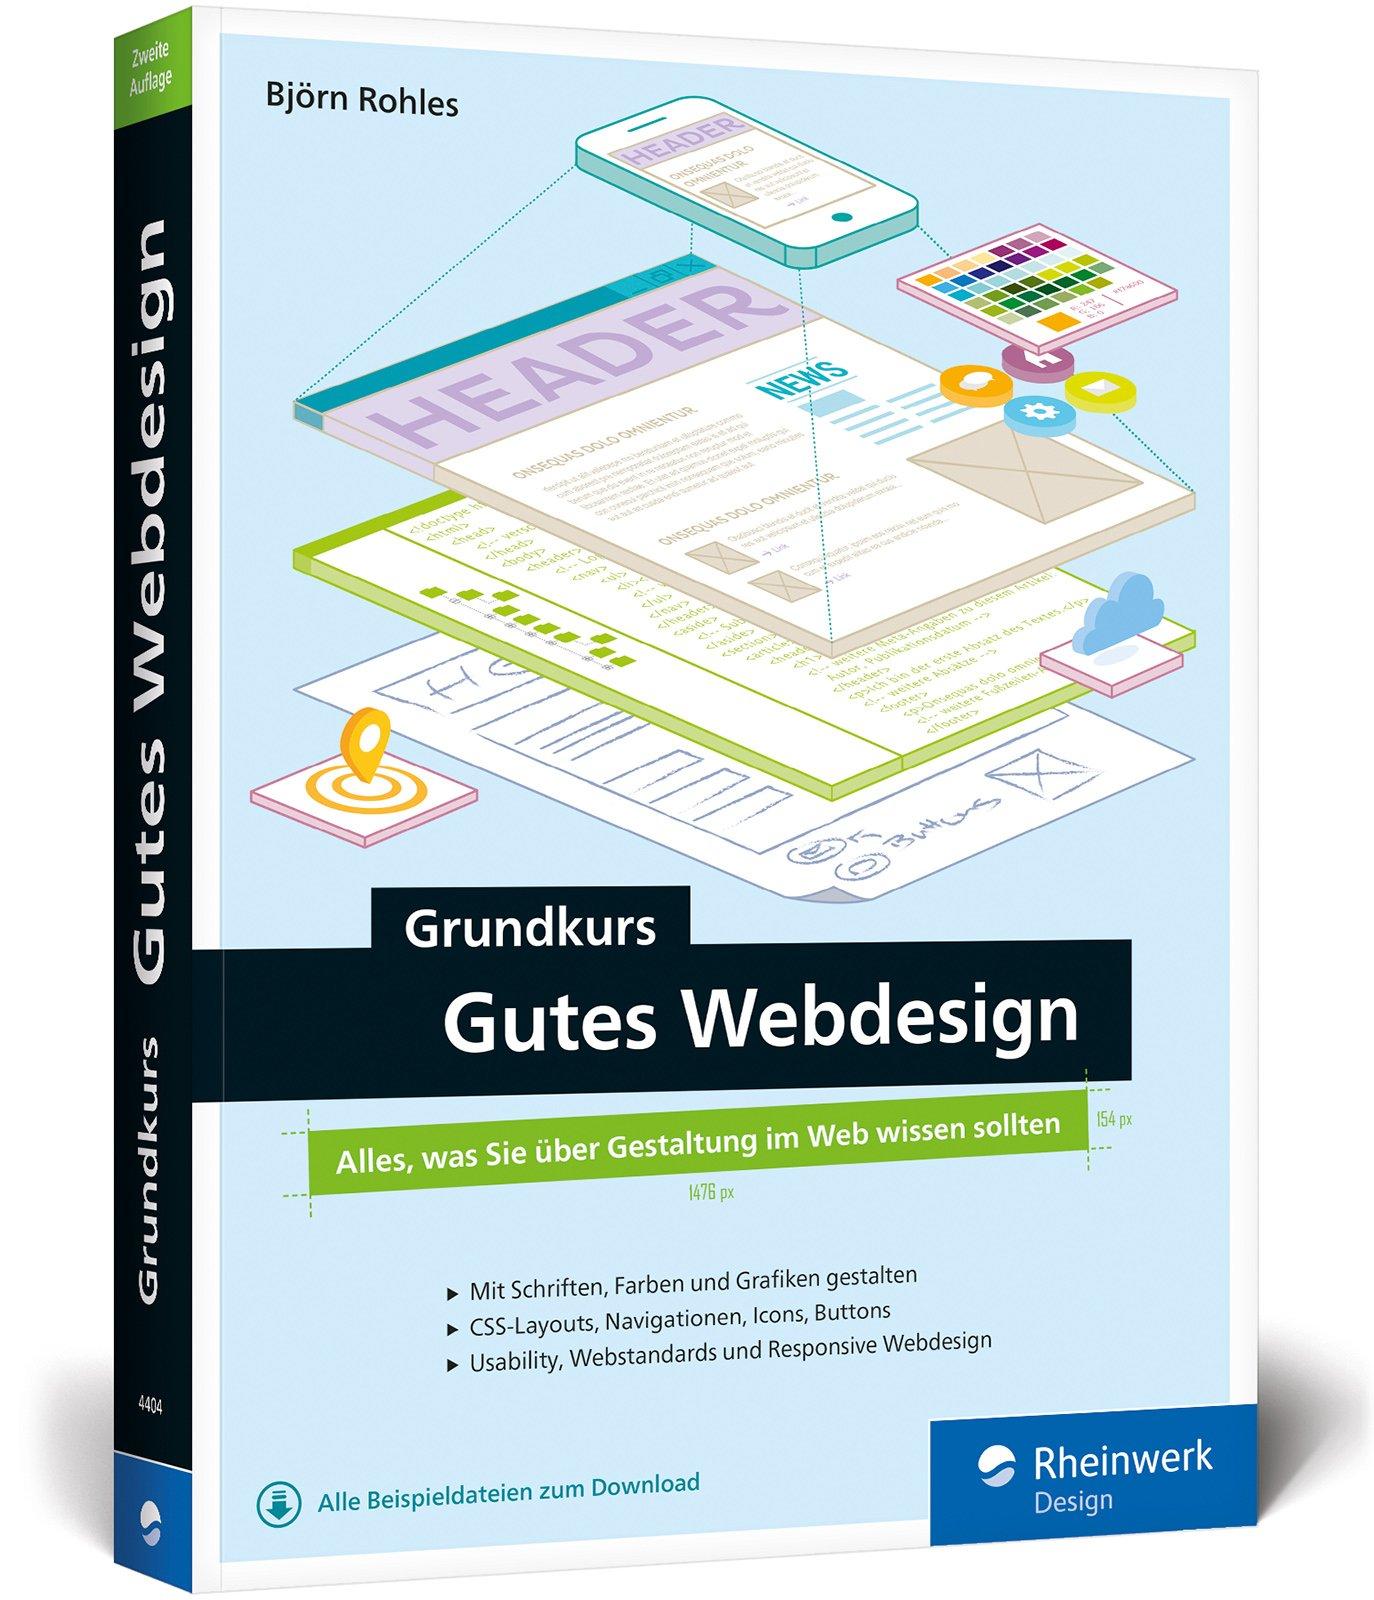 grundkurs-gutes-webdesign-alles-was-sie-ber-gestaltung-im-web-wissen-mssen-fr-moderne-und-attraktive-websites-die-jeder-gerne-besucht